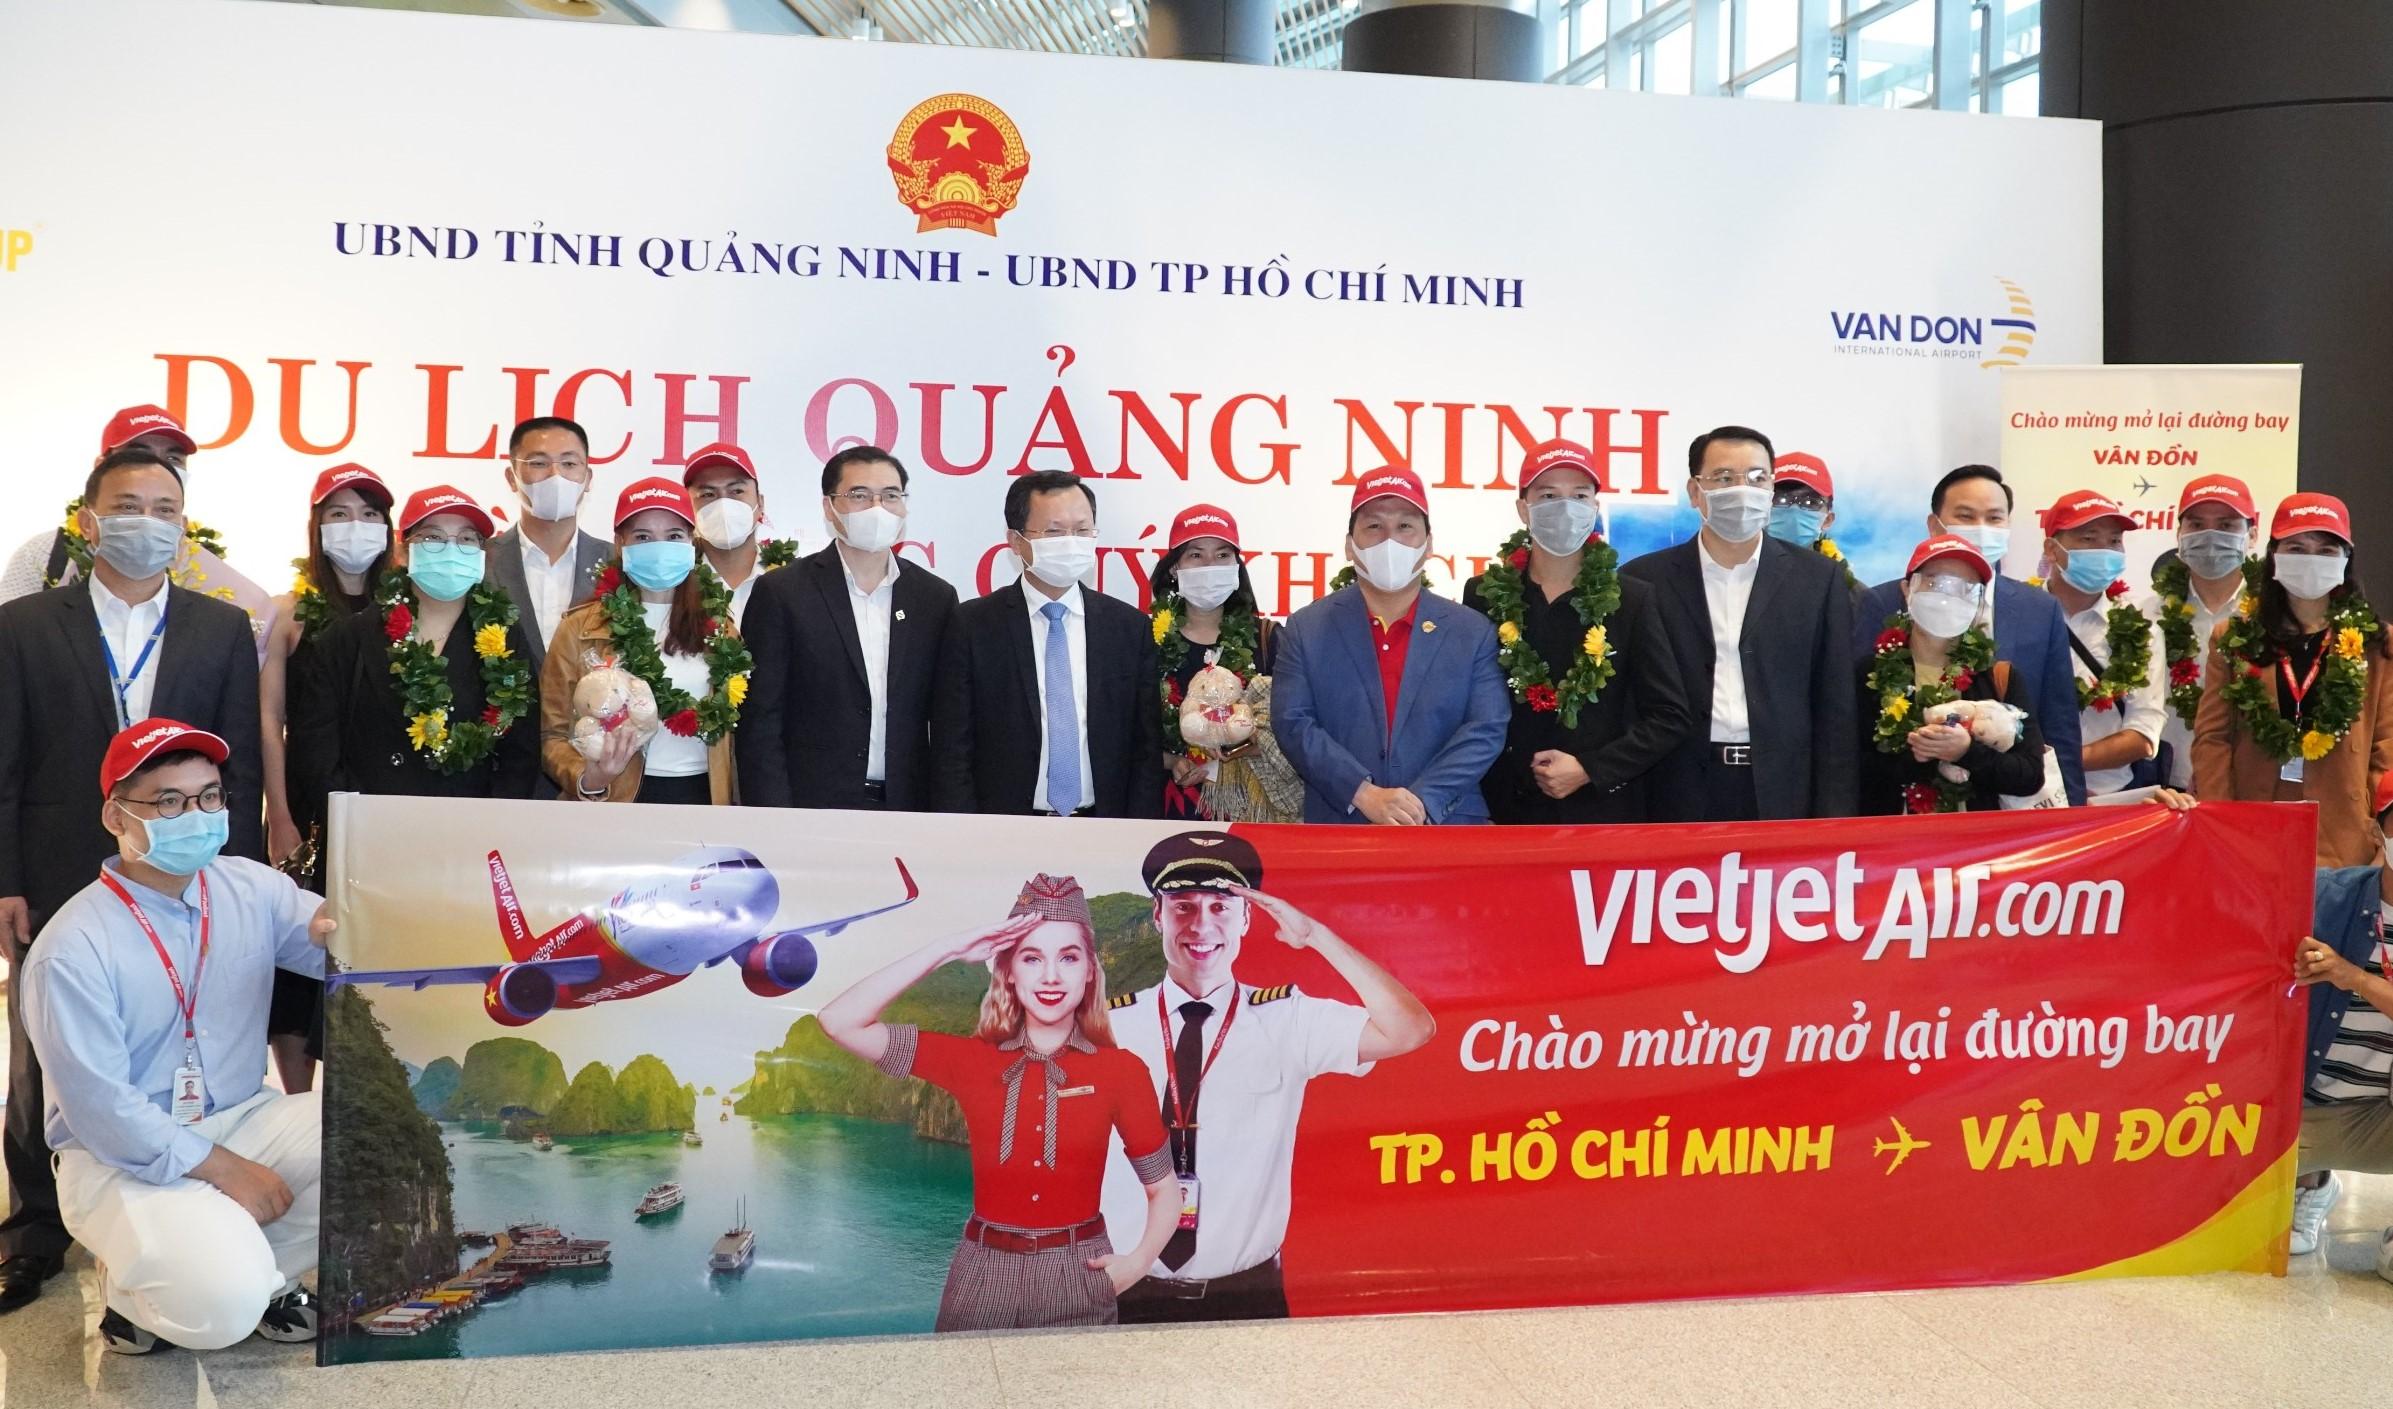 Lãnh đạo tỉnh Quảng Ninh và sân bay Vân Đồn chào đón hành khách trên chuyến bay VJ230 của Vietjet xông đất sân bay năm mới Tân Sửu. Ảnh: Văn Quang.